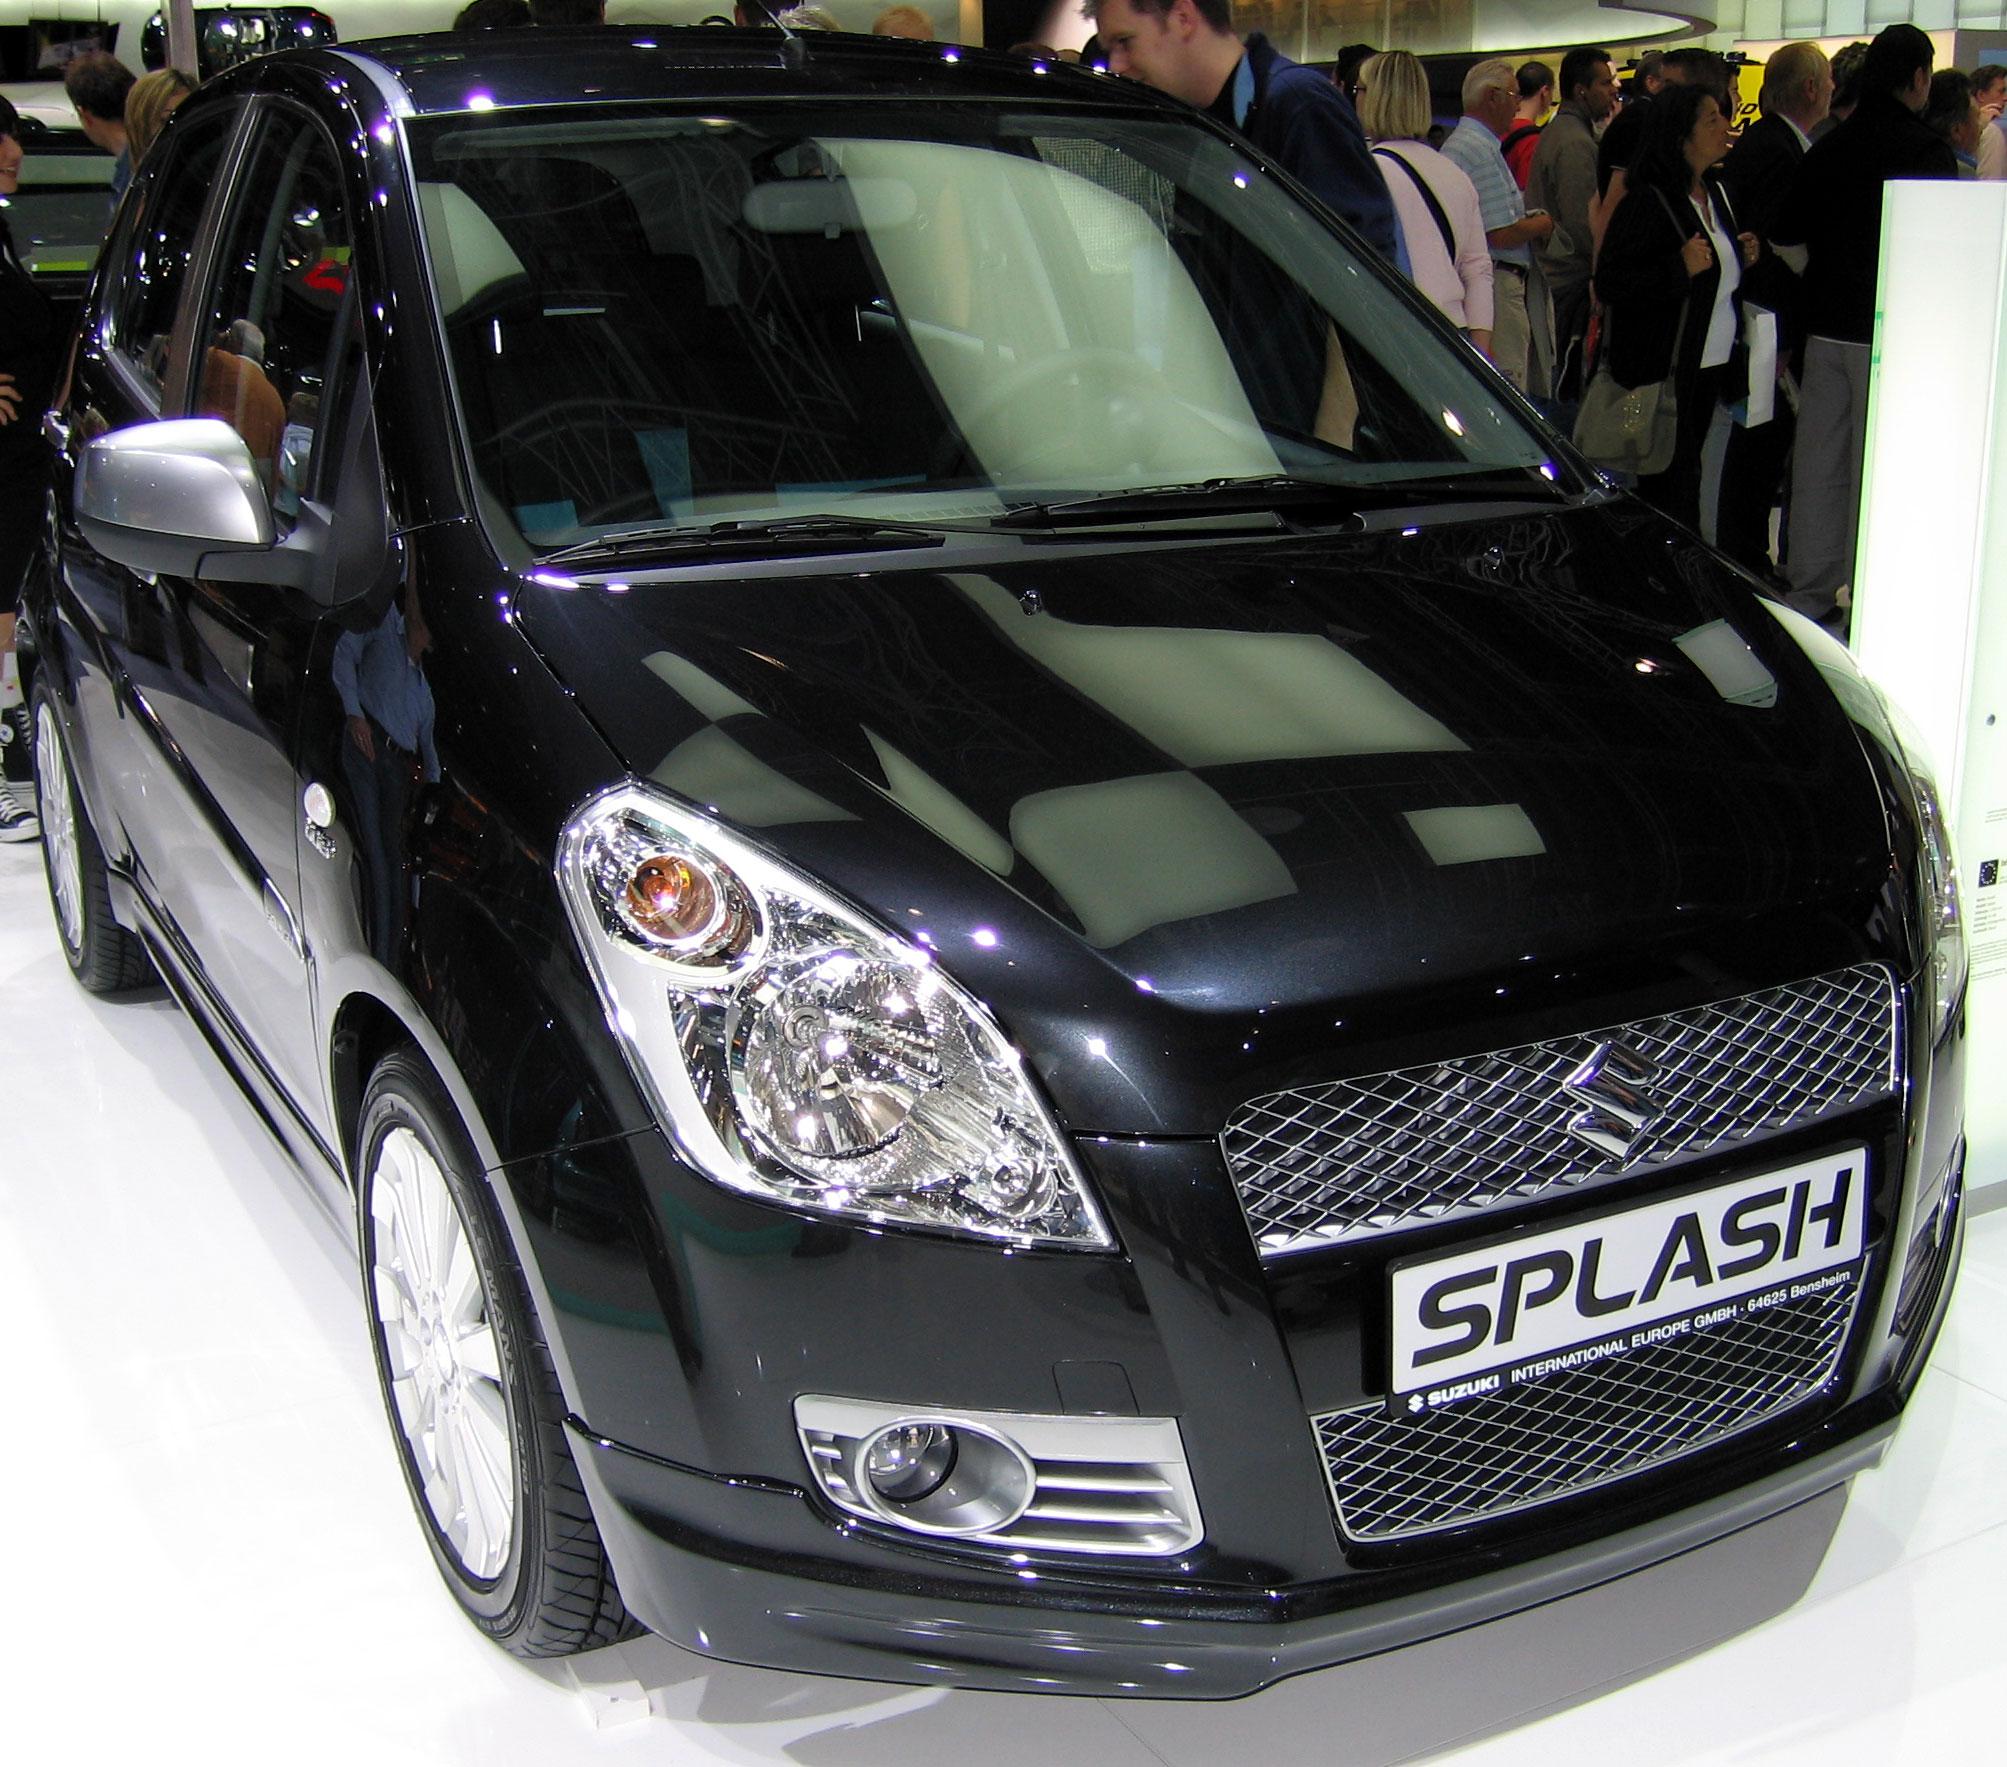 Overview: Suzuki - Splash - Spritmonitor.de